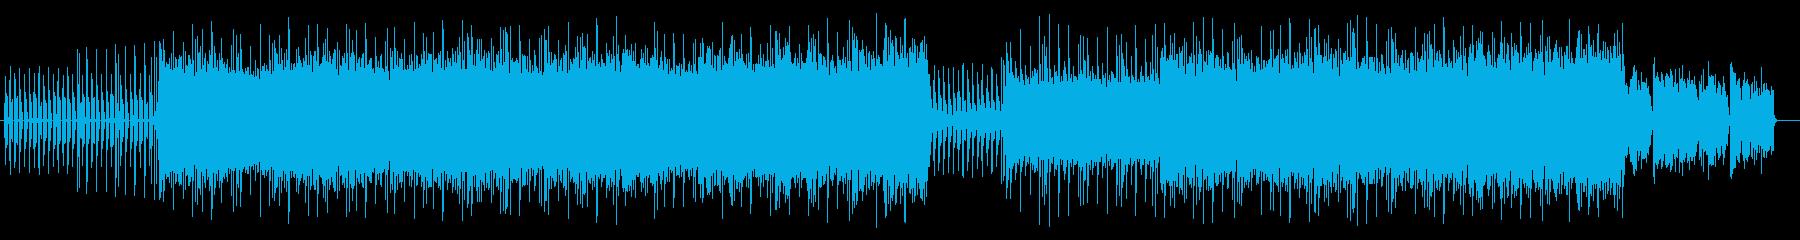 不思議でメロ―なシンセサウンドの再生済みの波形